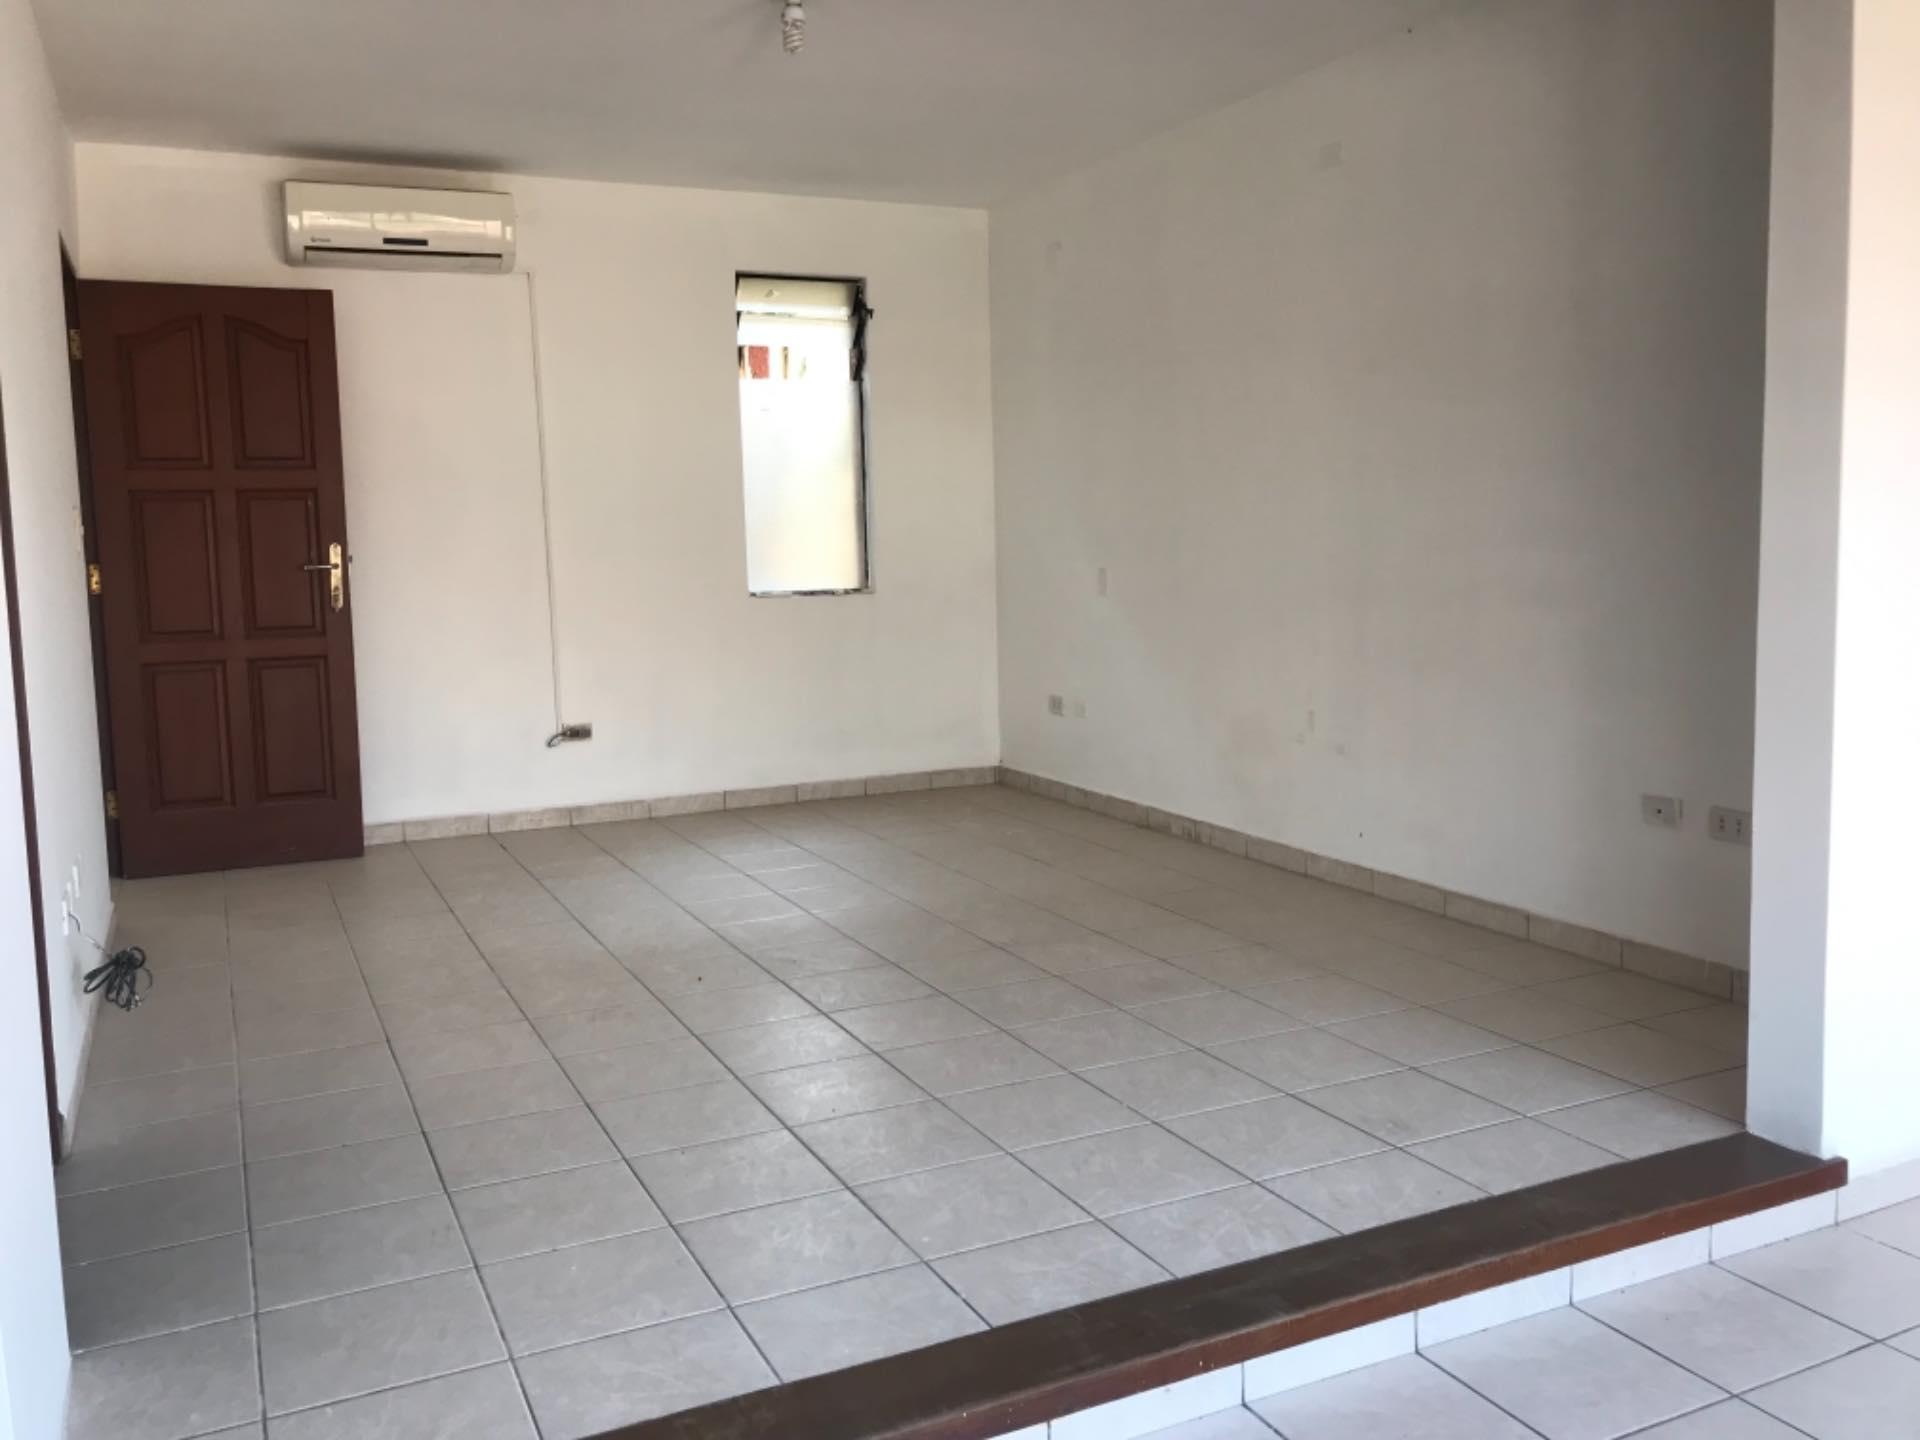 Casa en Alquiler Av. Melchor Pinto entre 1ro y 2do anillo  Foto 18